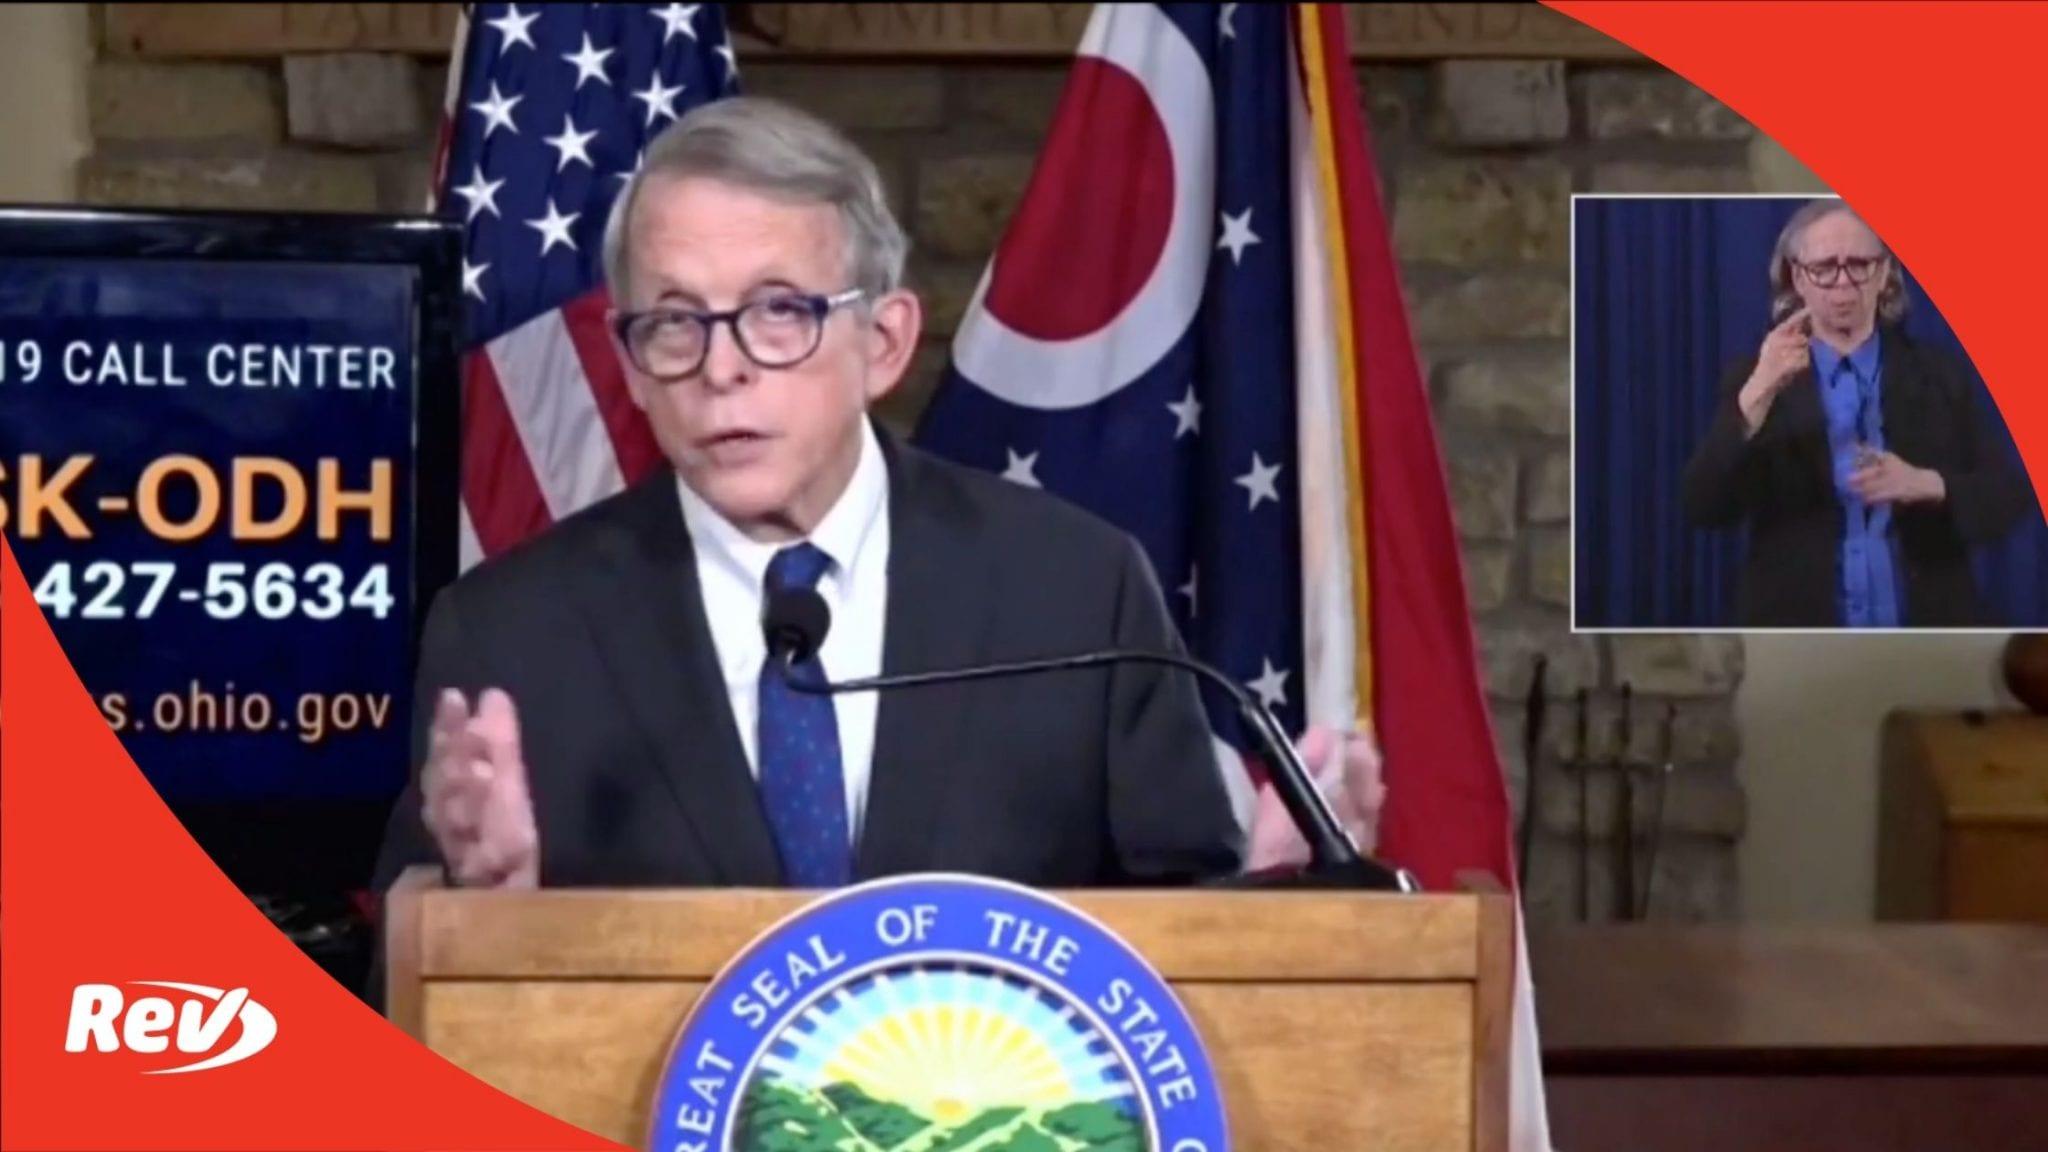 Ohio Gov. Mike DeWine COVID-19 Press Conference Transcript December 7